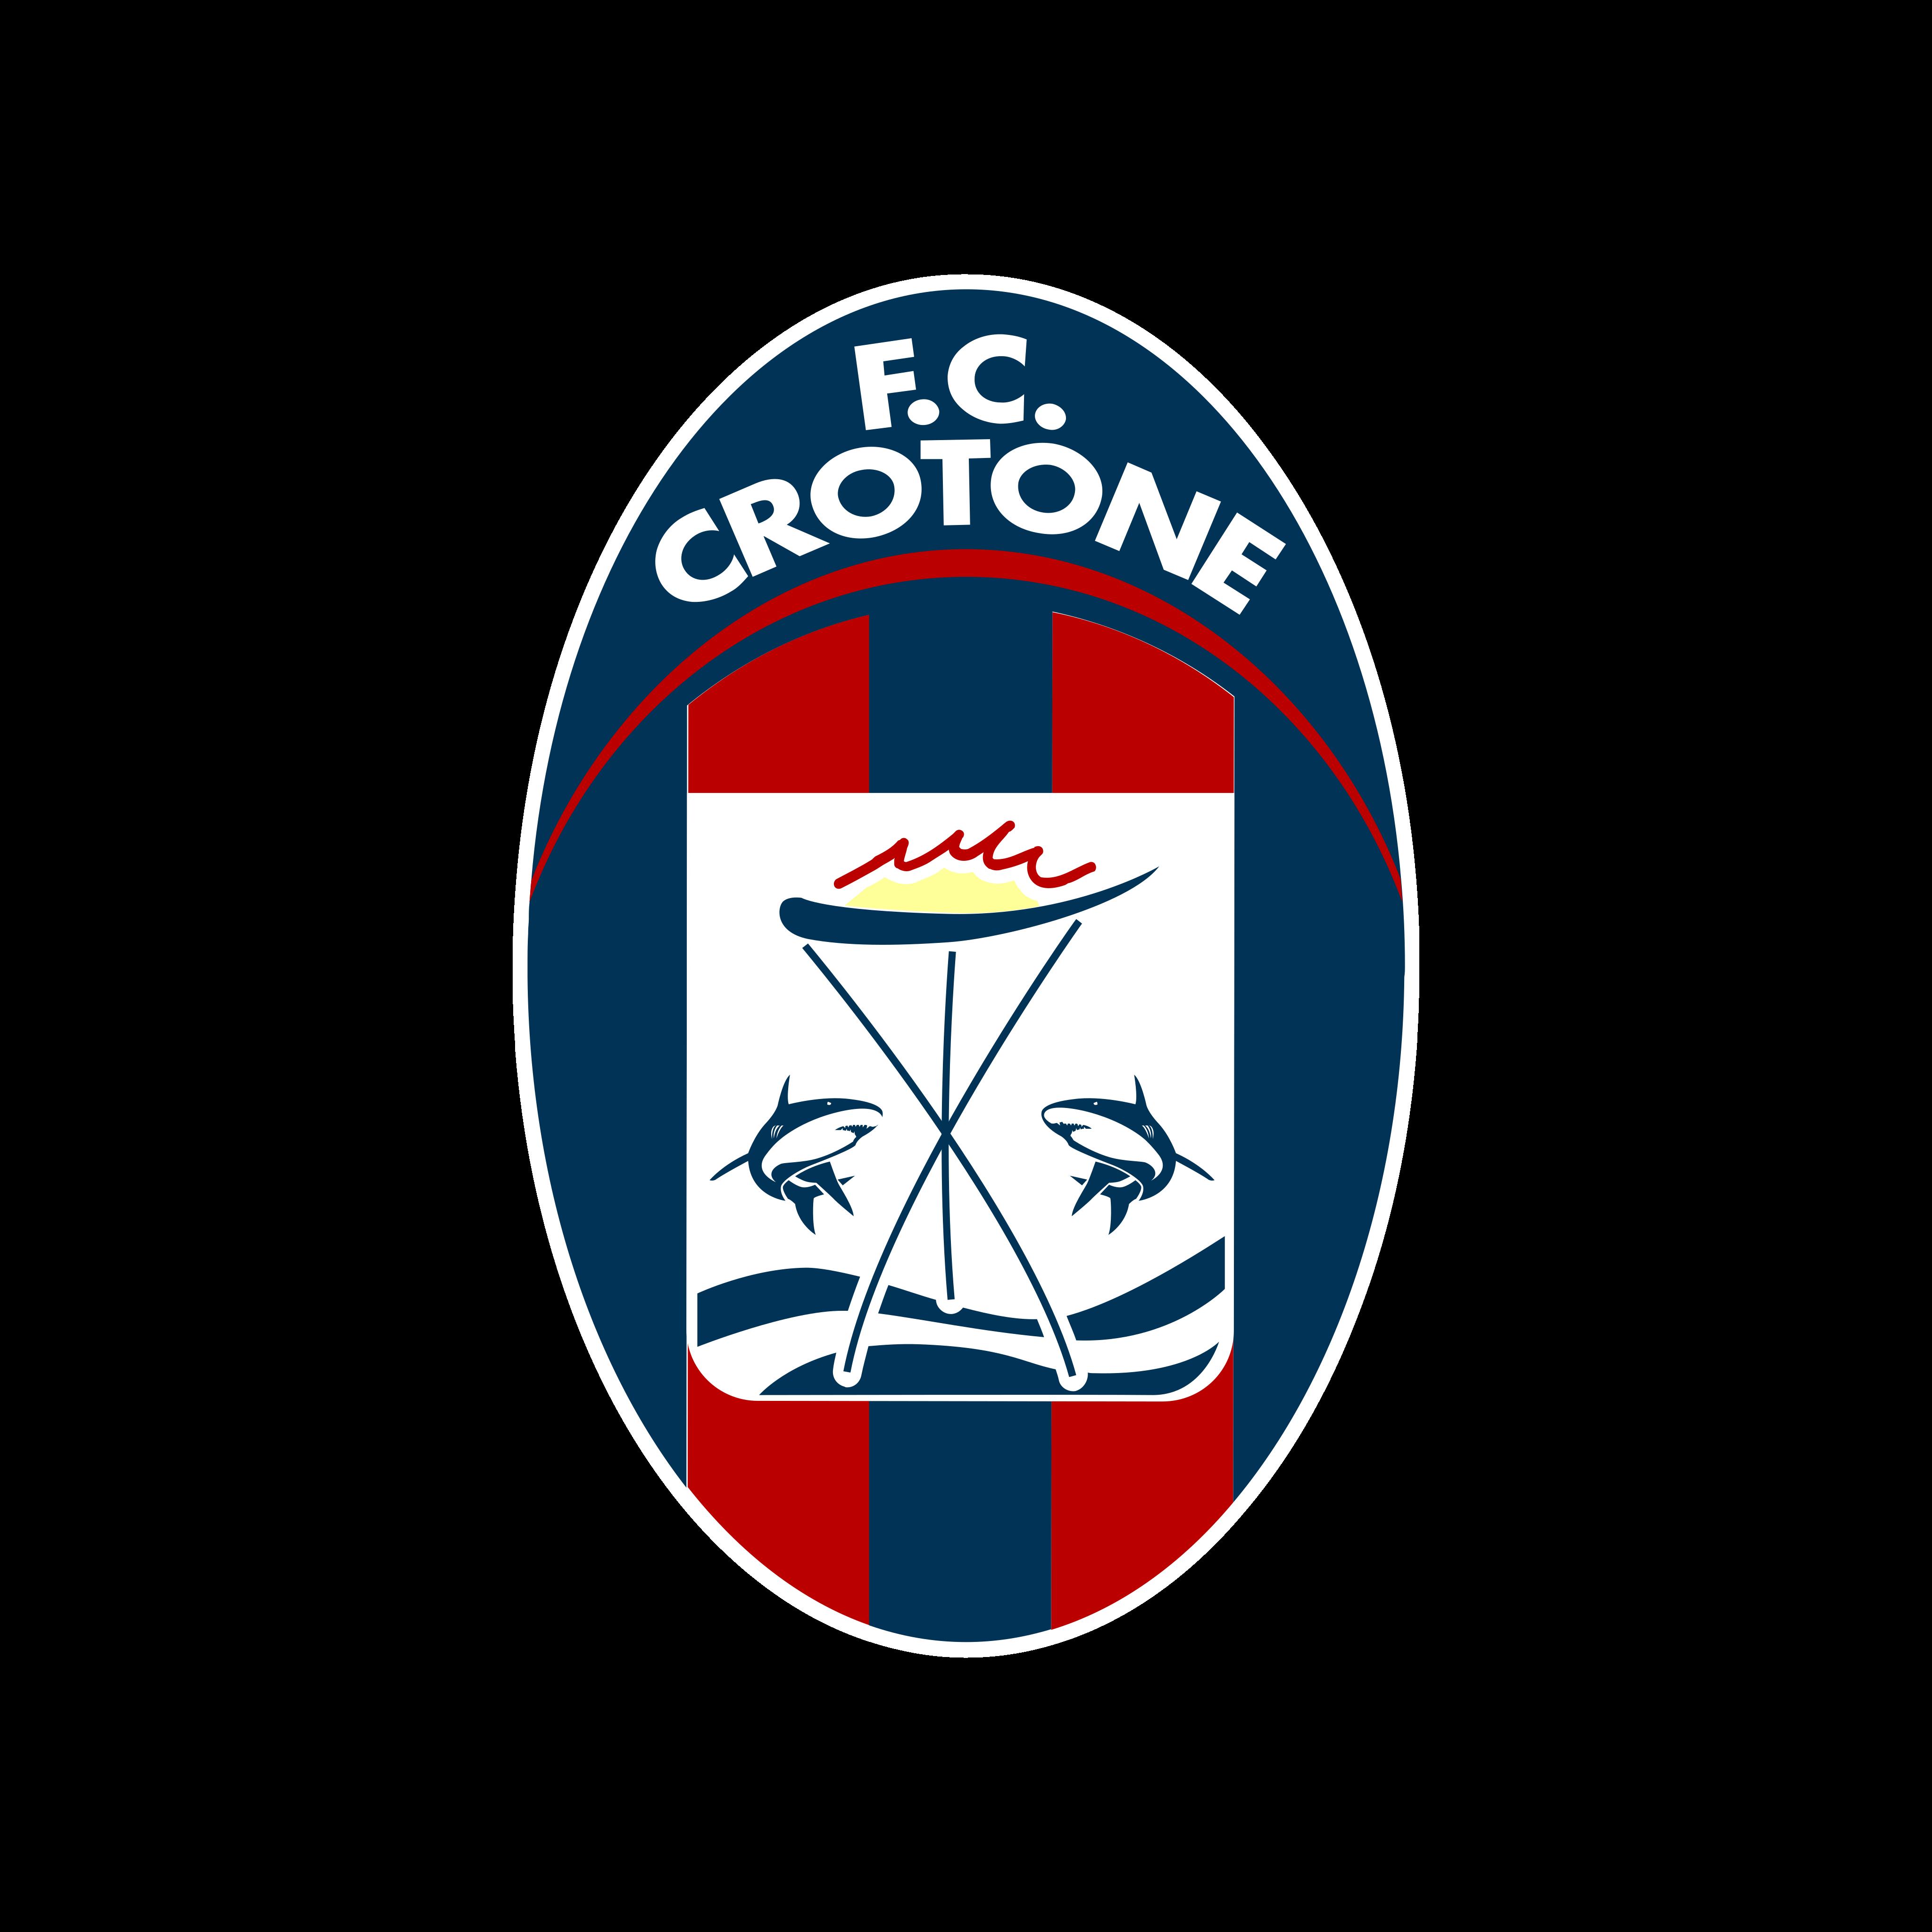 fc crotone logo 0 - FC Crotone Logo